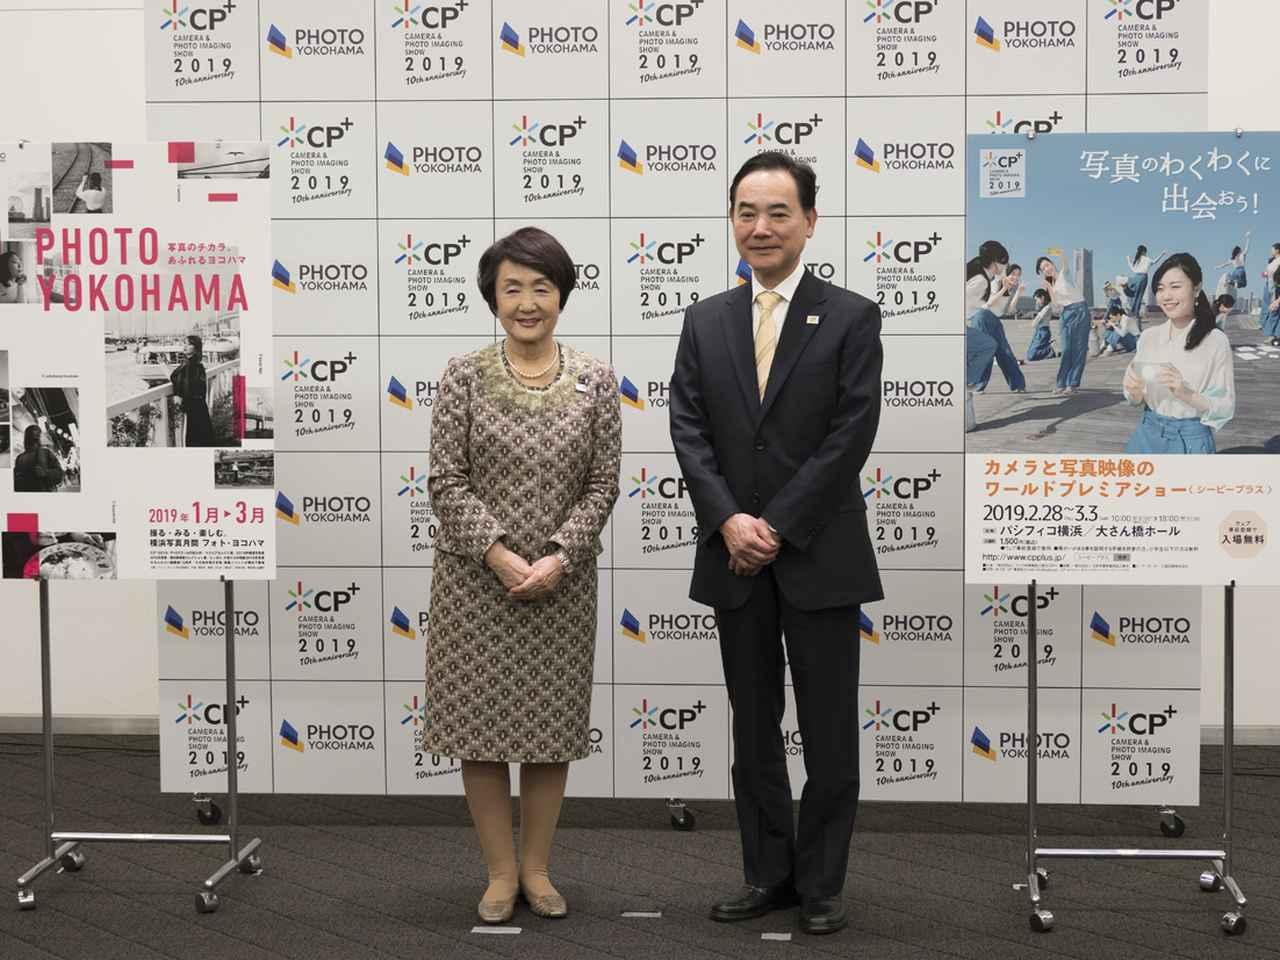 画像: 「CP+2019/フォト・ヨコハマ2019」 合同記者会見で概要を発表!